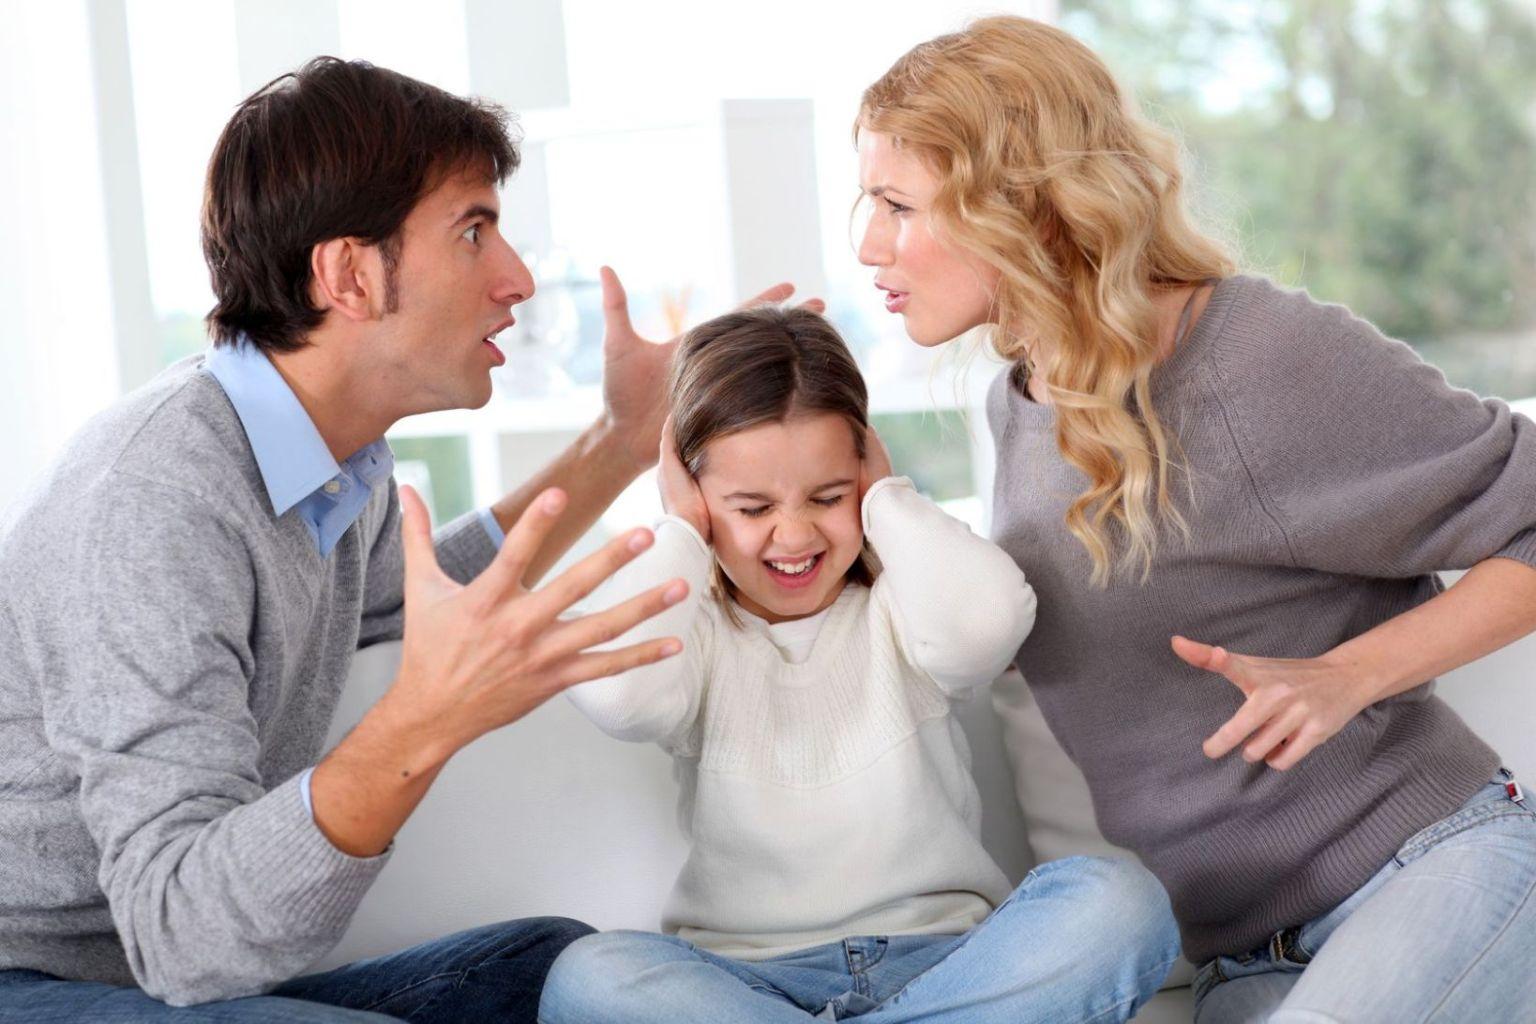 親の姿を見て子は育つ!親が離婚すると子供も離婚しやすい理由